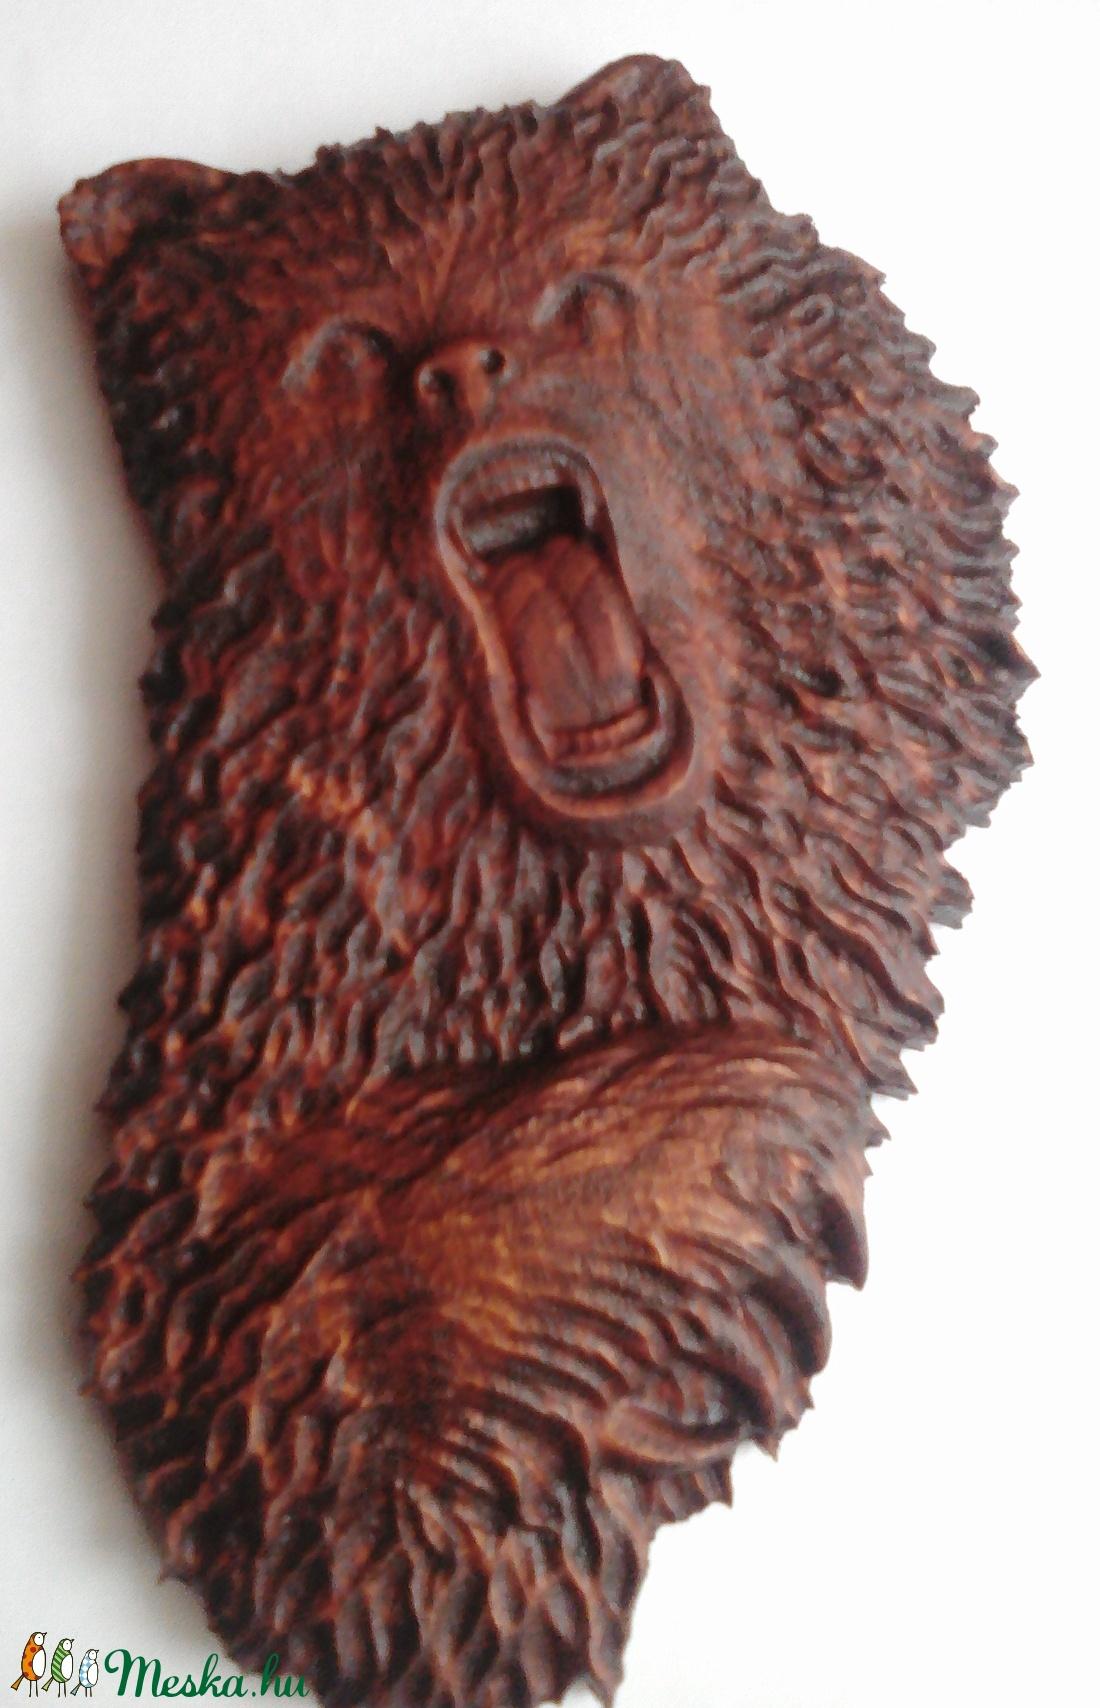 Medve - faragás - művészet - Meska.hu